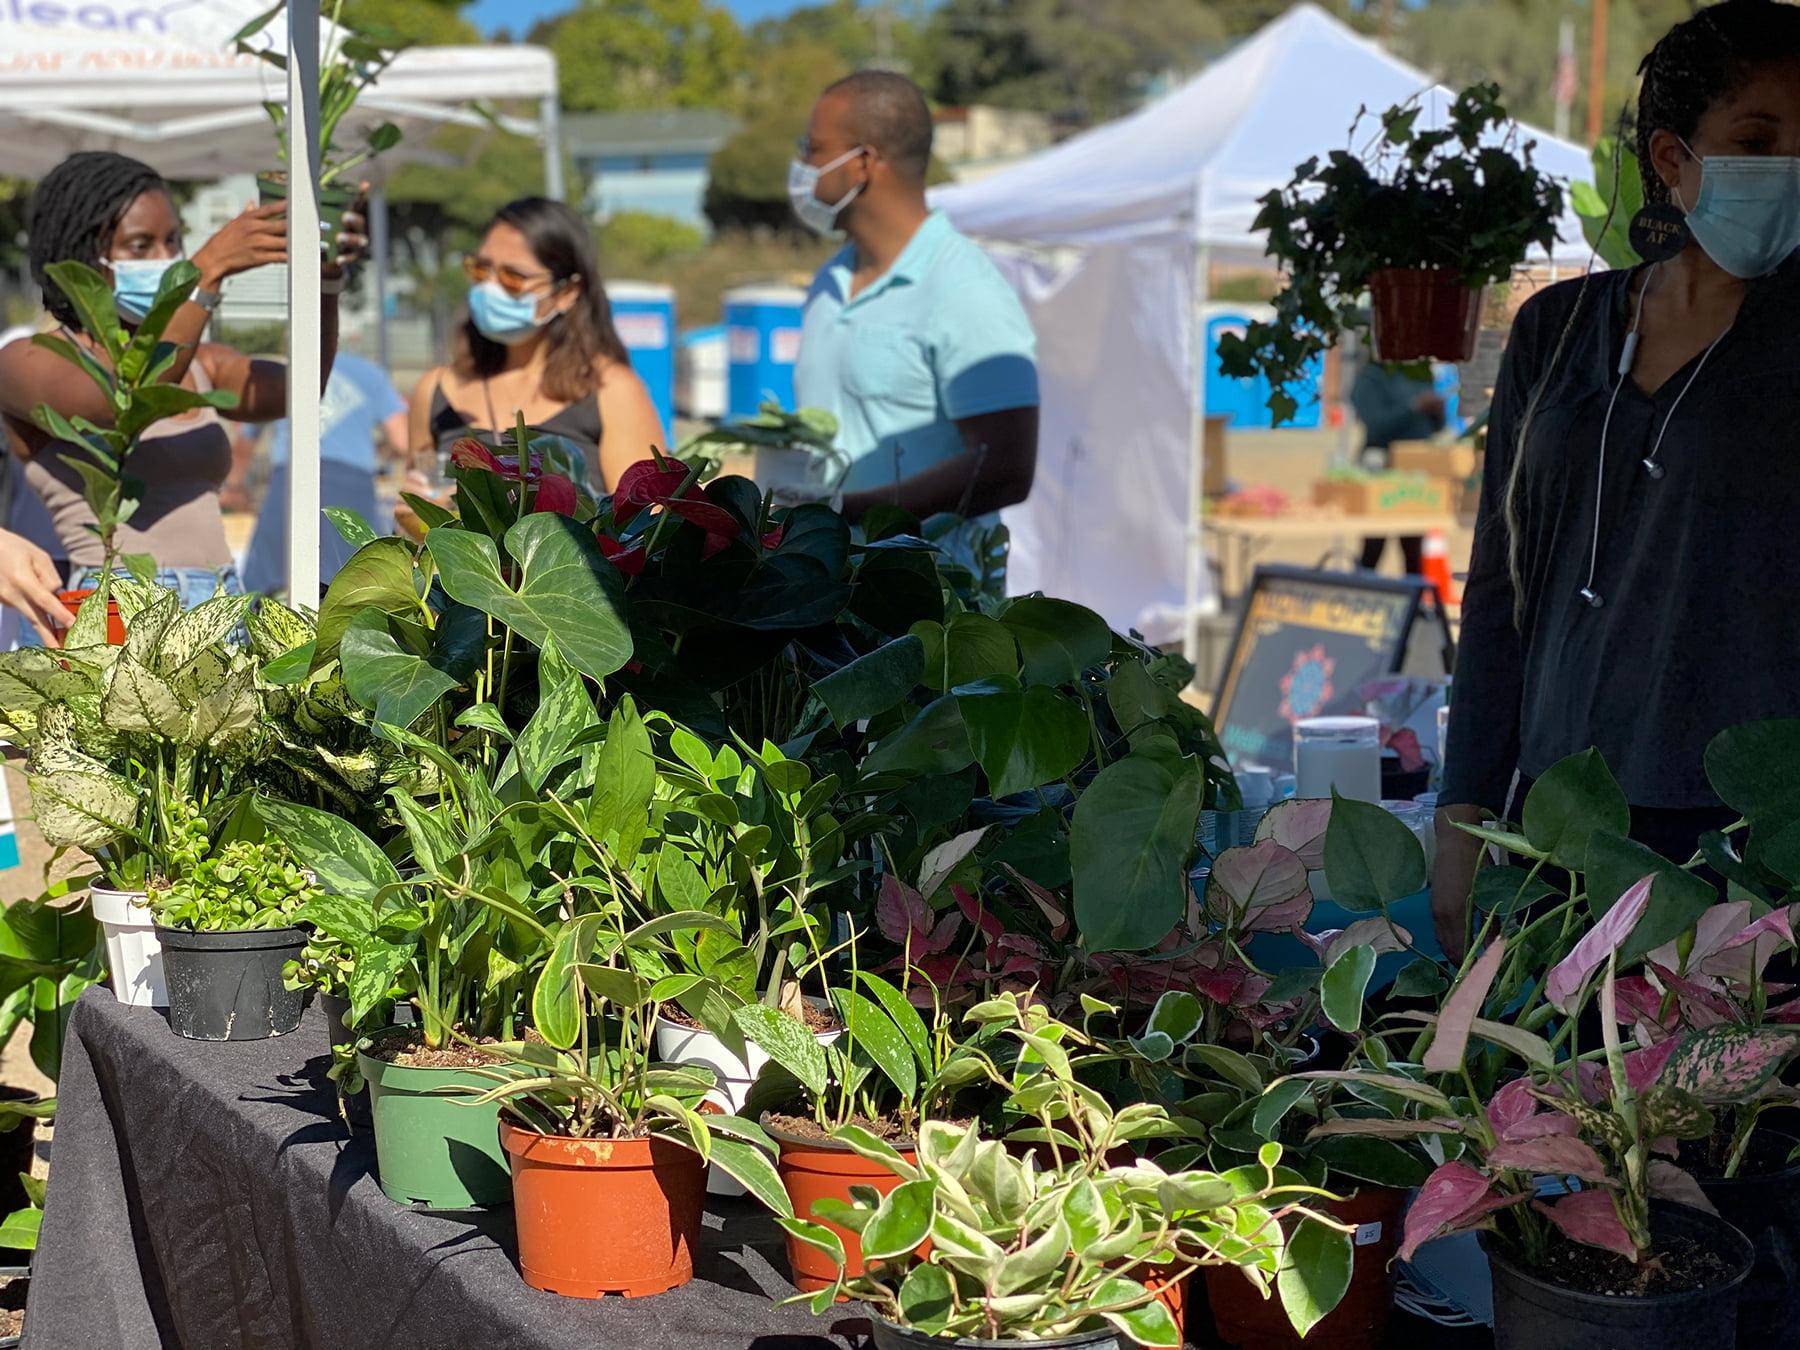 black cultural zone farmer's market